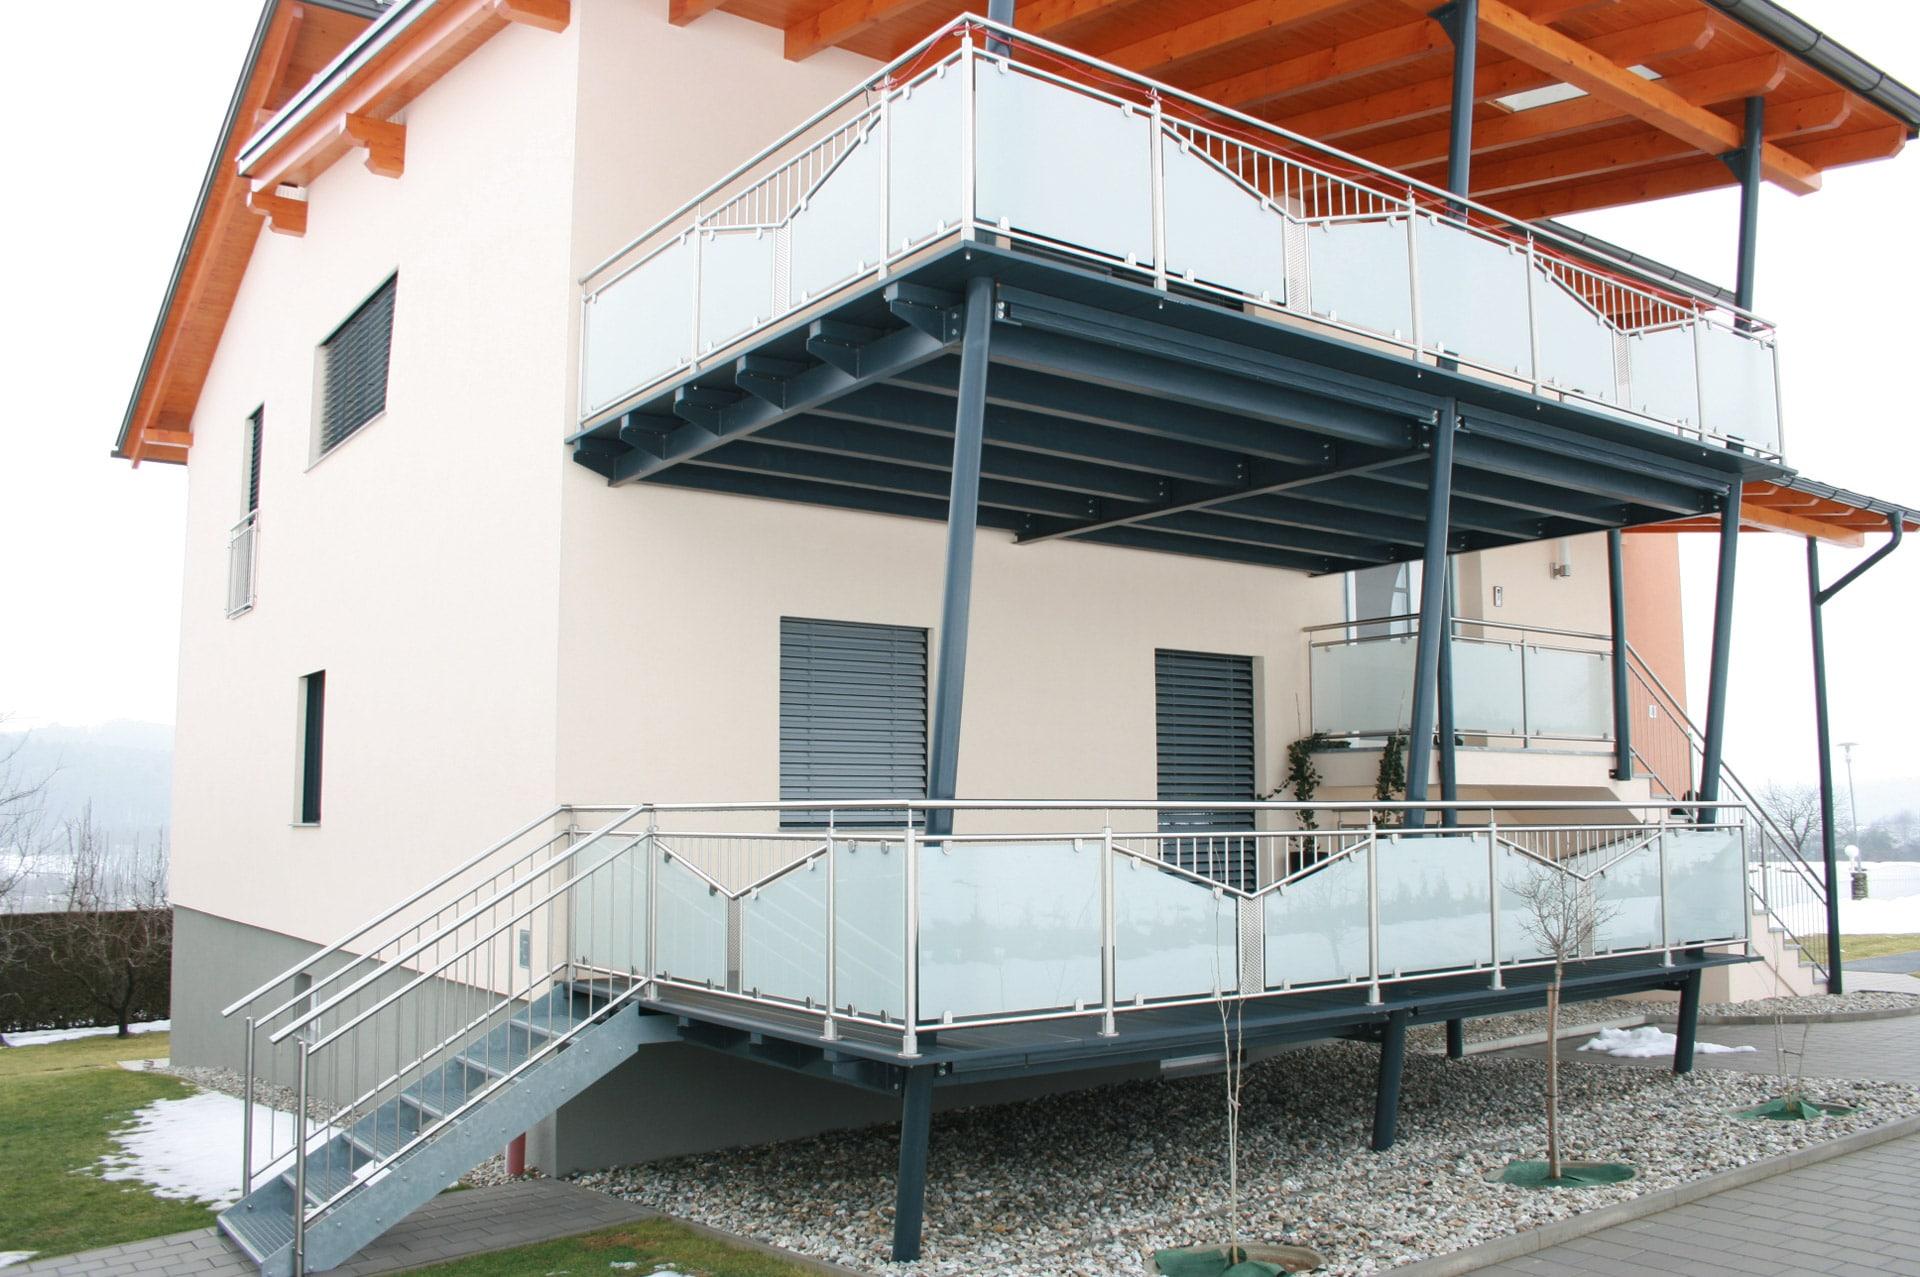 Zubau 13   Terrassenanbau zweistöckig, Alu anthrazit mit Stahlstiege + Niro-Glas-Geländer   Svoboda